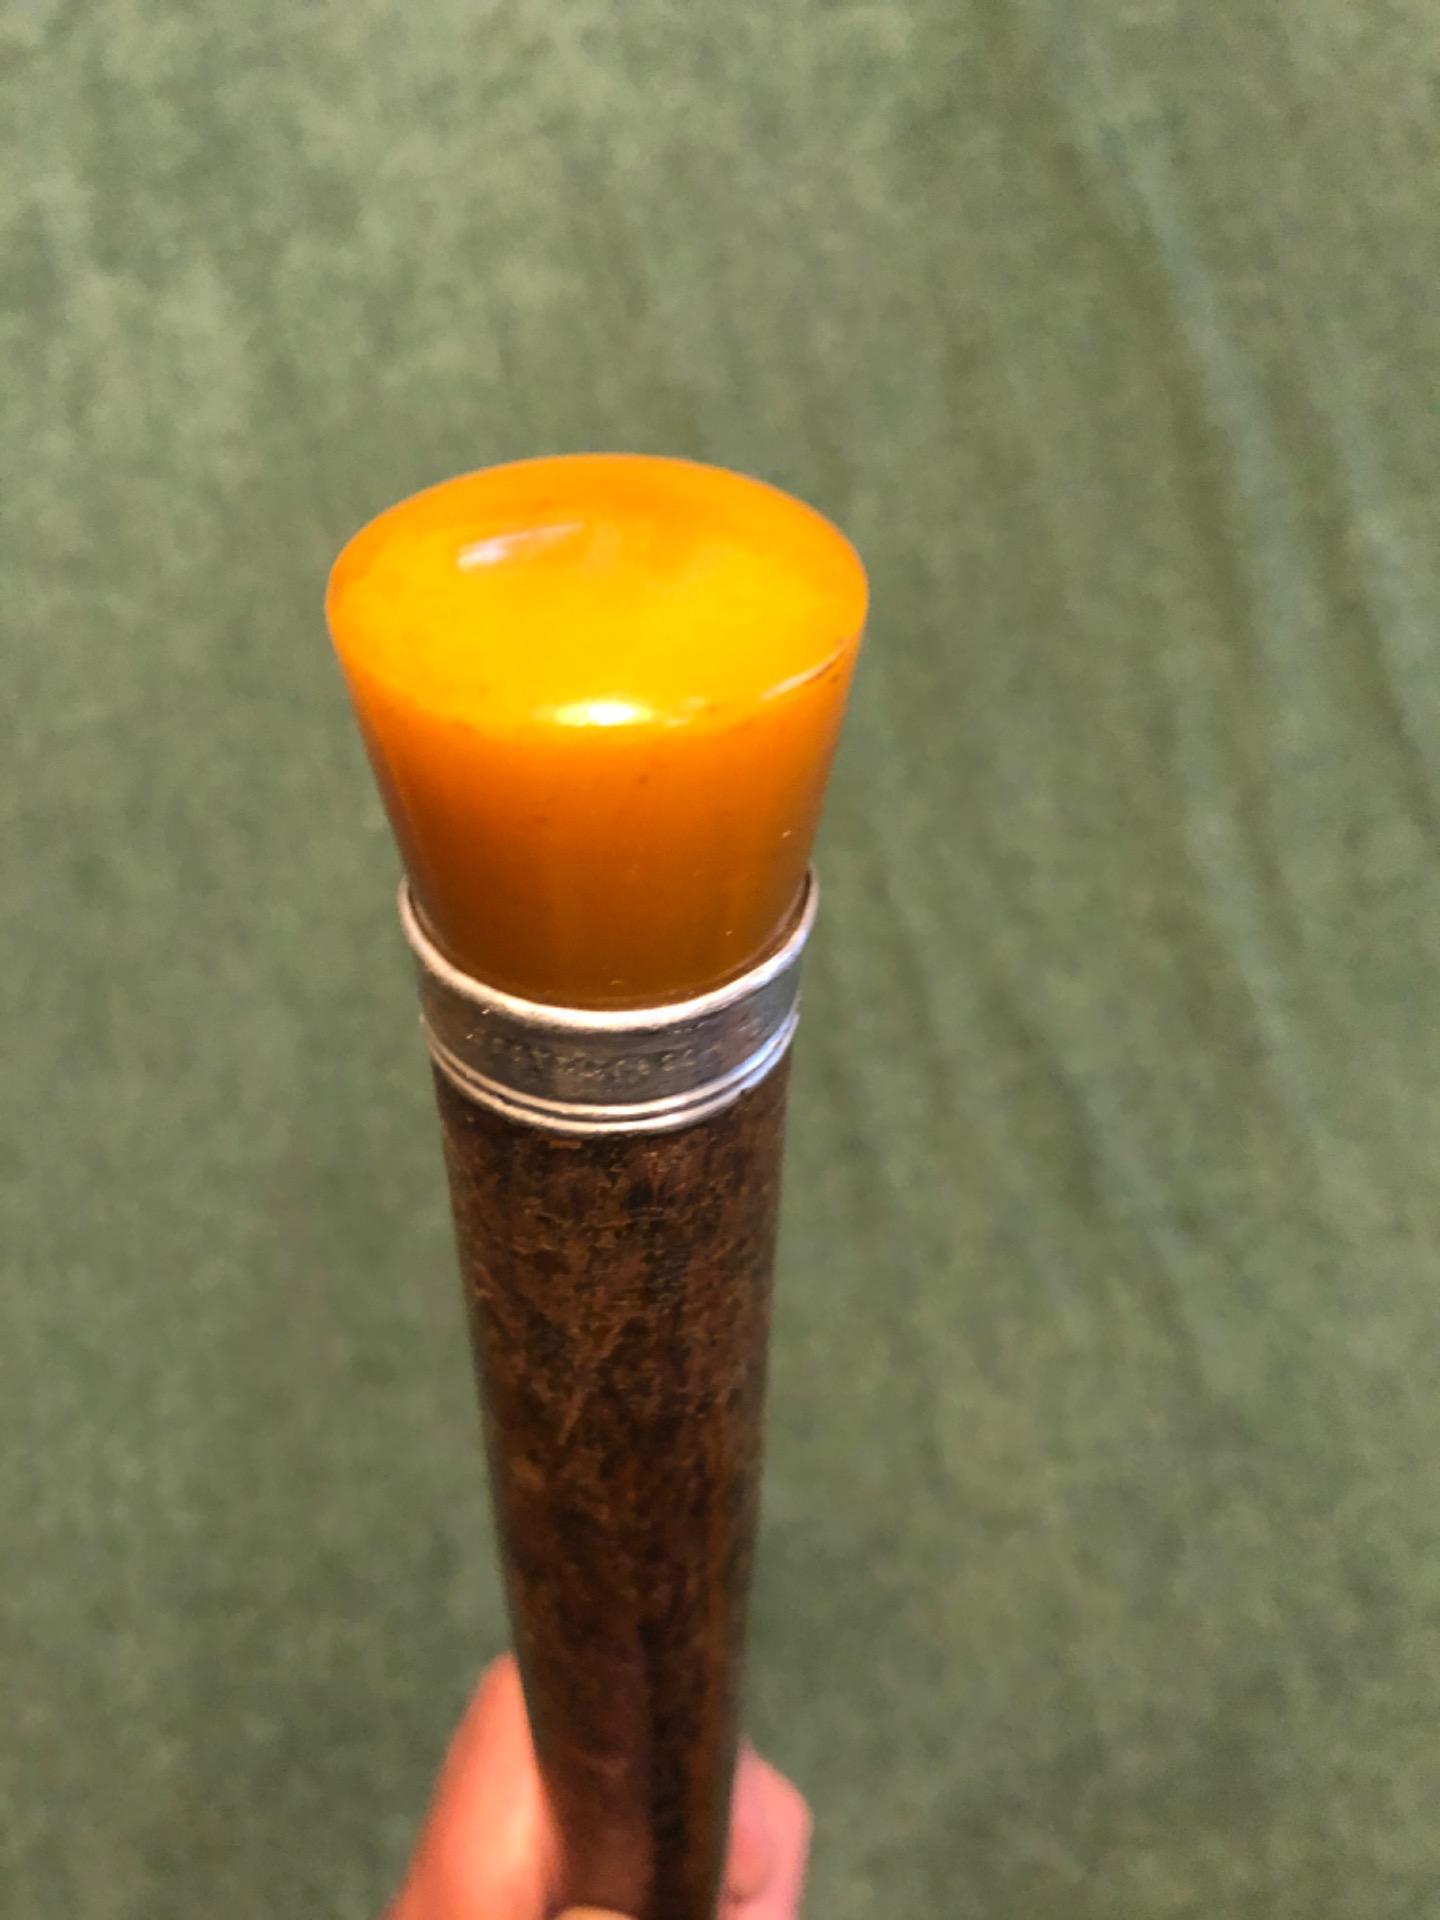 Bastone 'pila' con pomolo in Bakelite che si illumina (tramite pila da inserire all'interno).